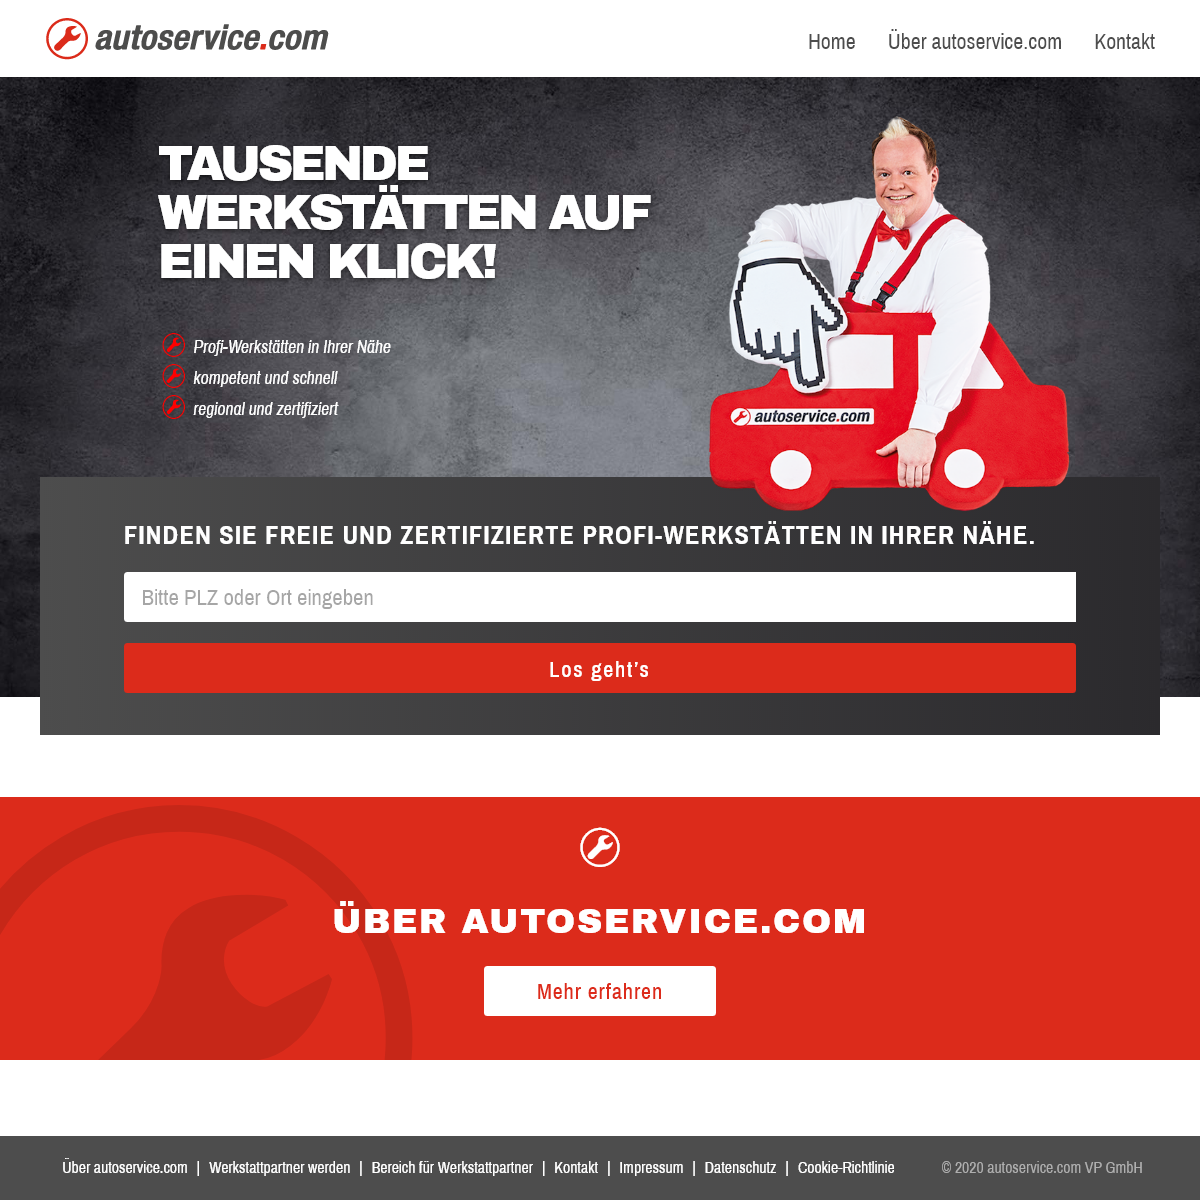 Werkstattsuche - Kfz-Werkstatt finden auf autoservice.com